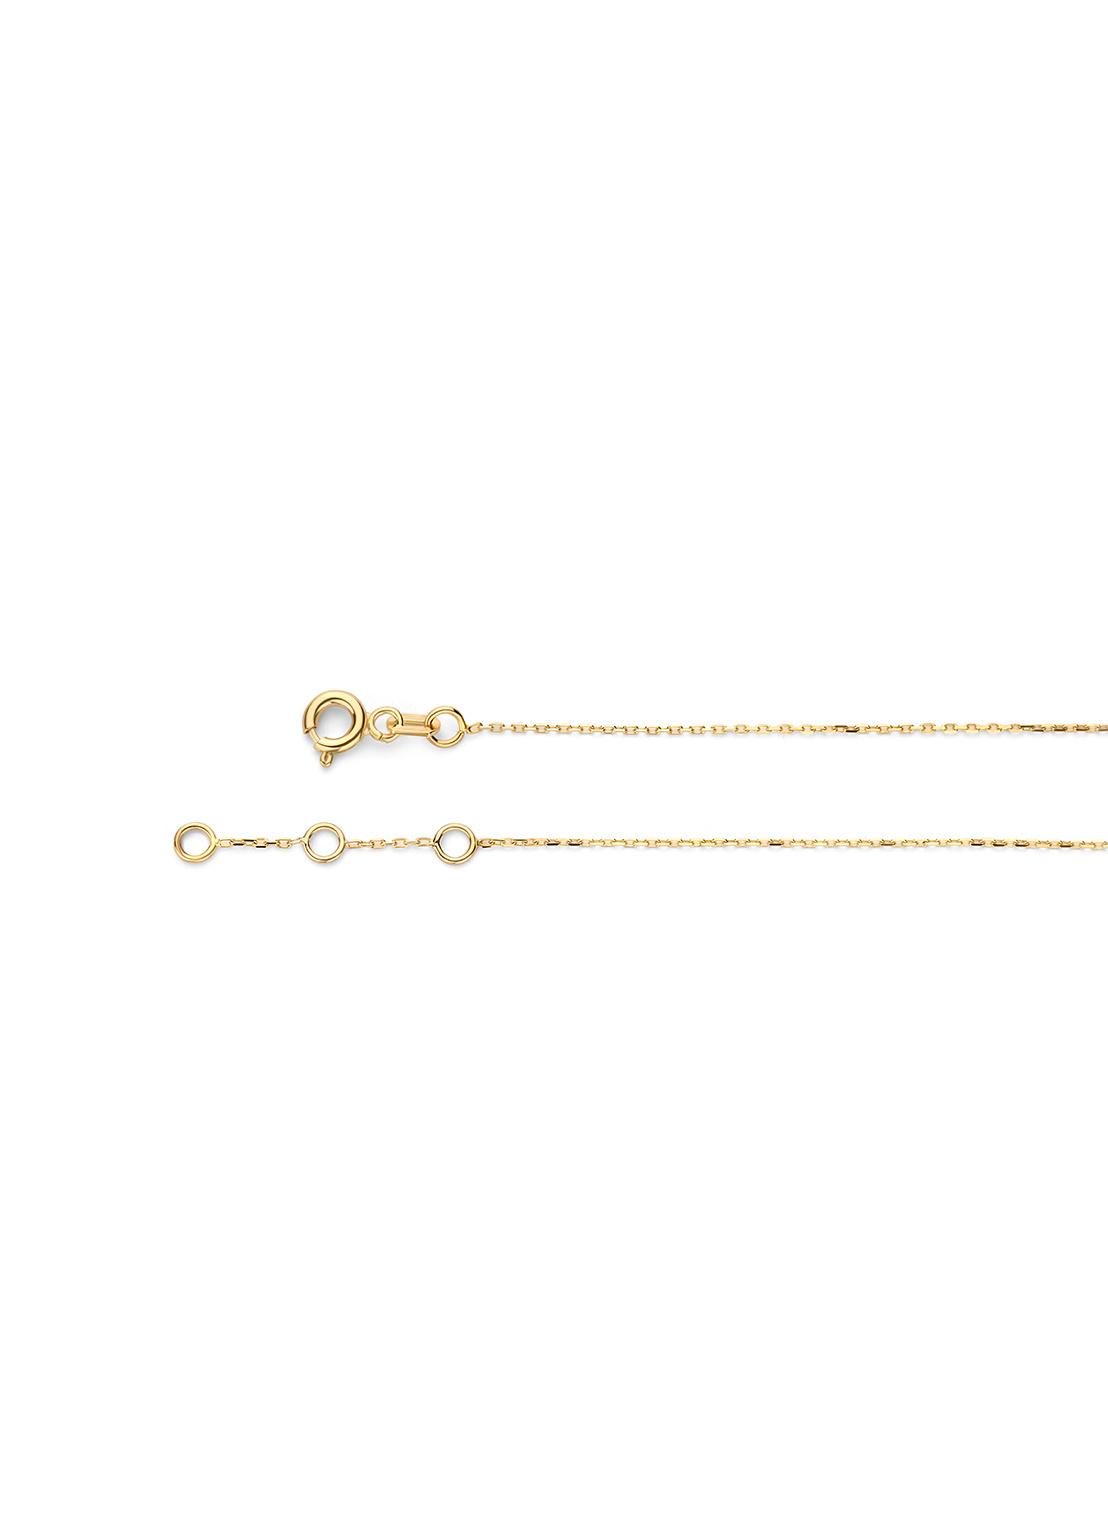 14 karaat geelgouden armband - Jackie - Silhouette-3